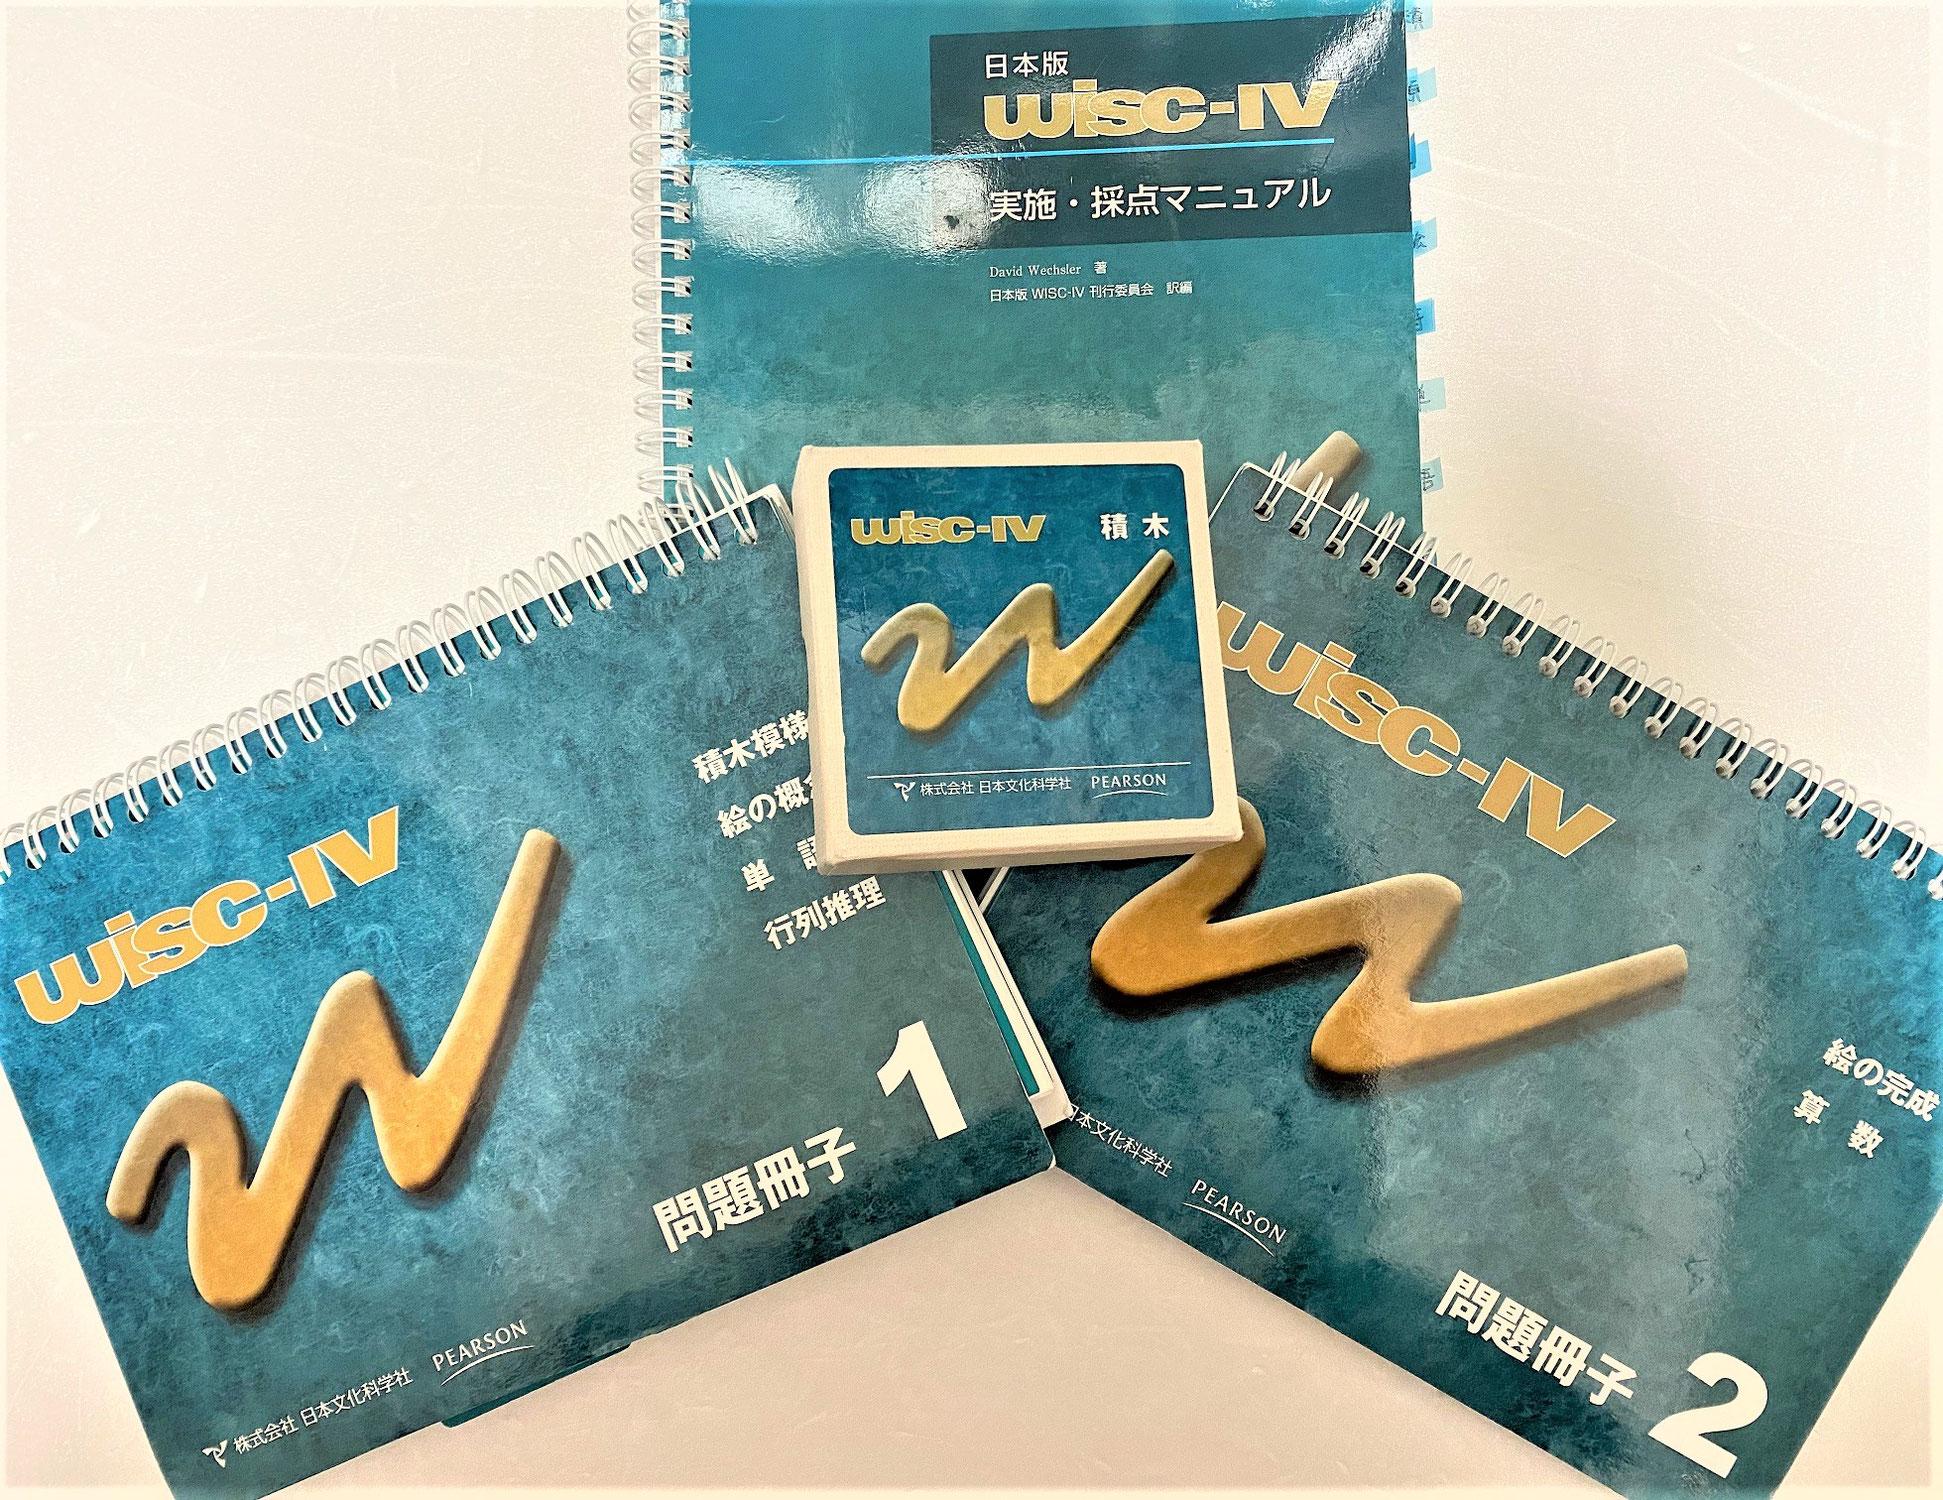 014【WISC-Ⅳ】WISC4(ウィスク4)検査の活かし方